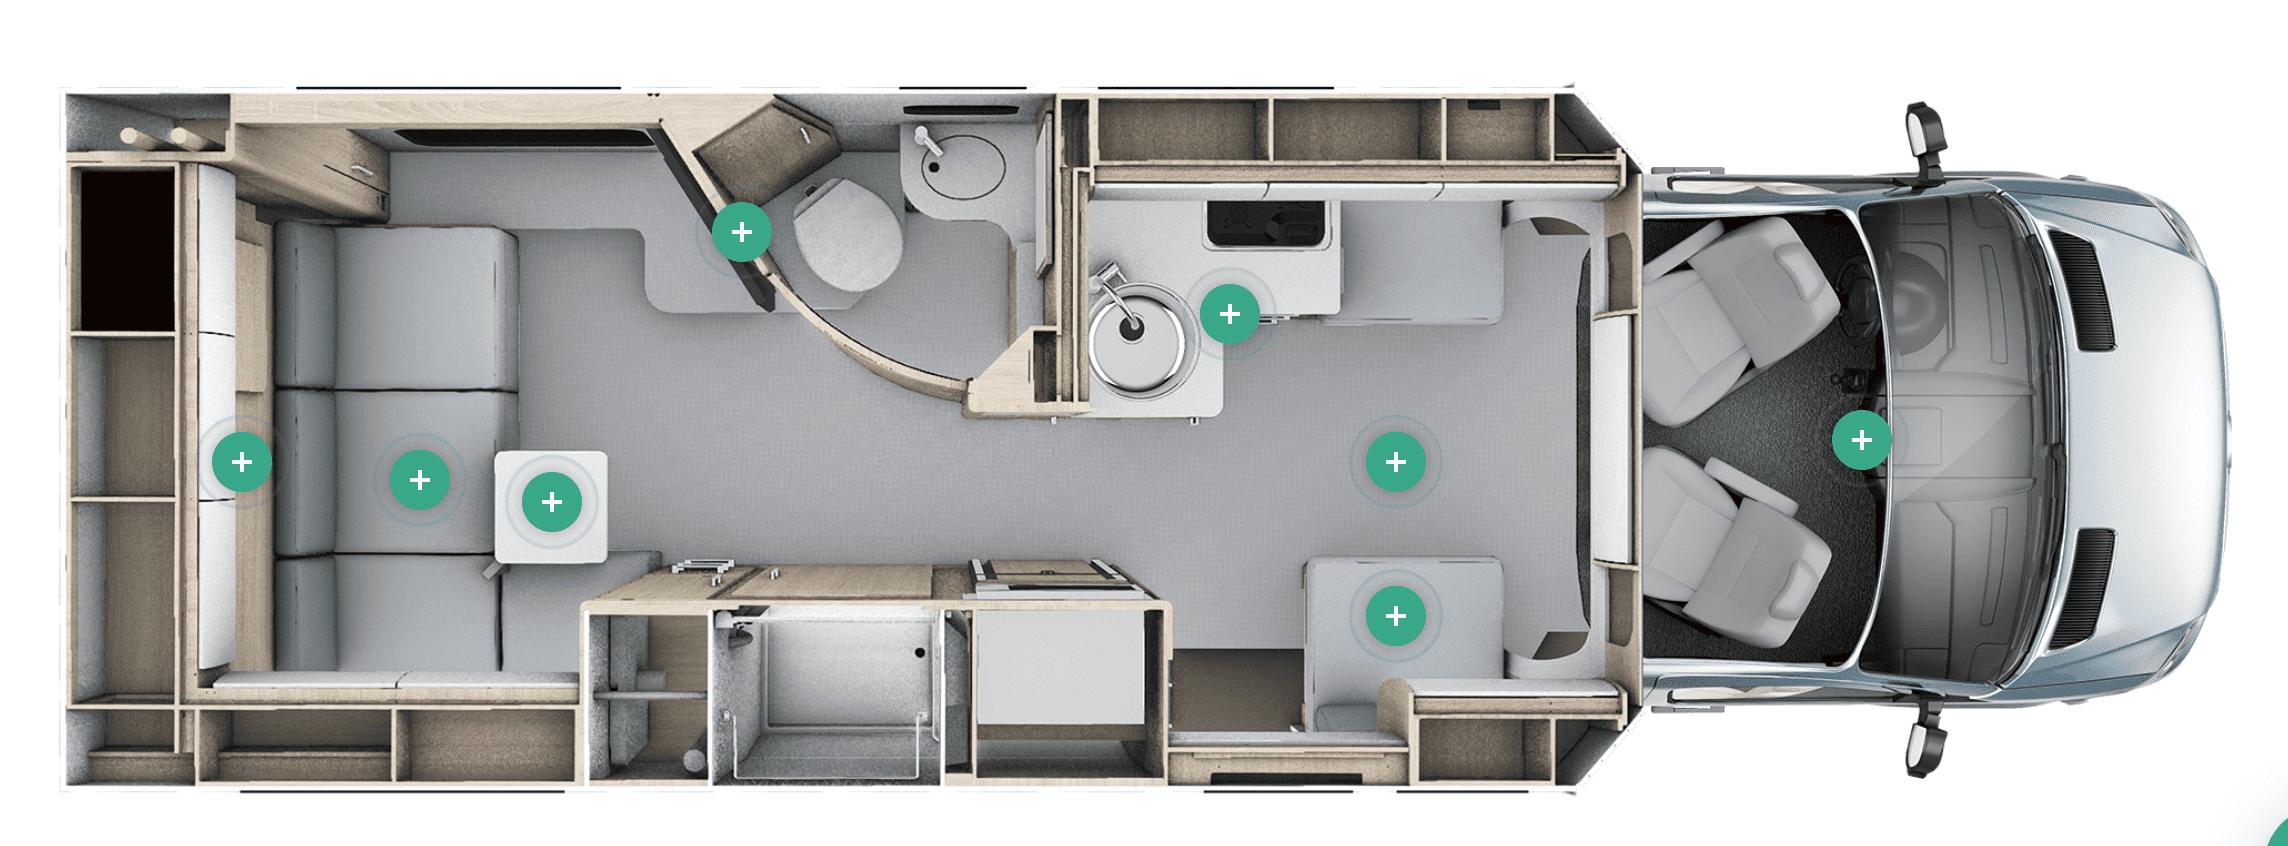 Leisure Travel Van Unity Floor Plan